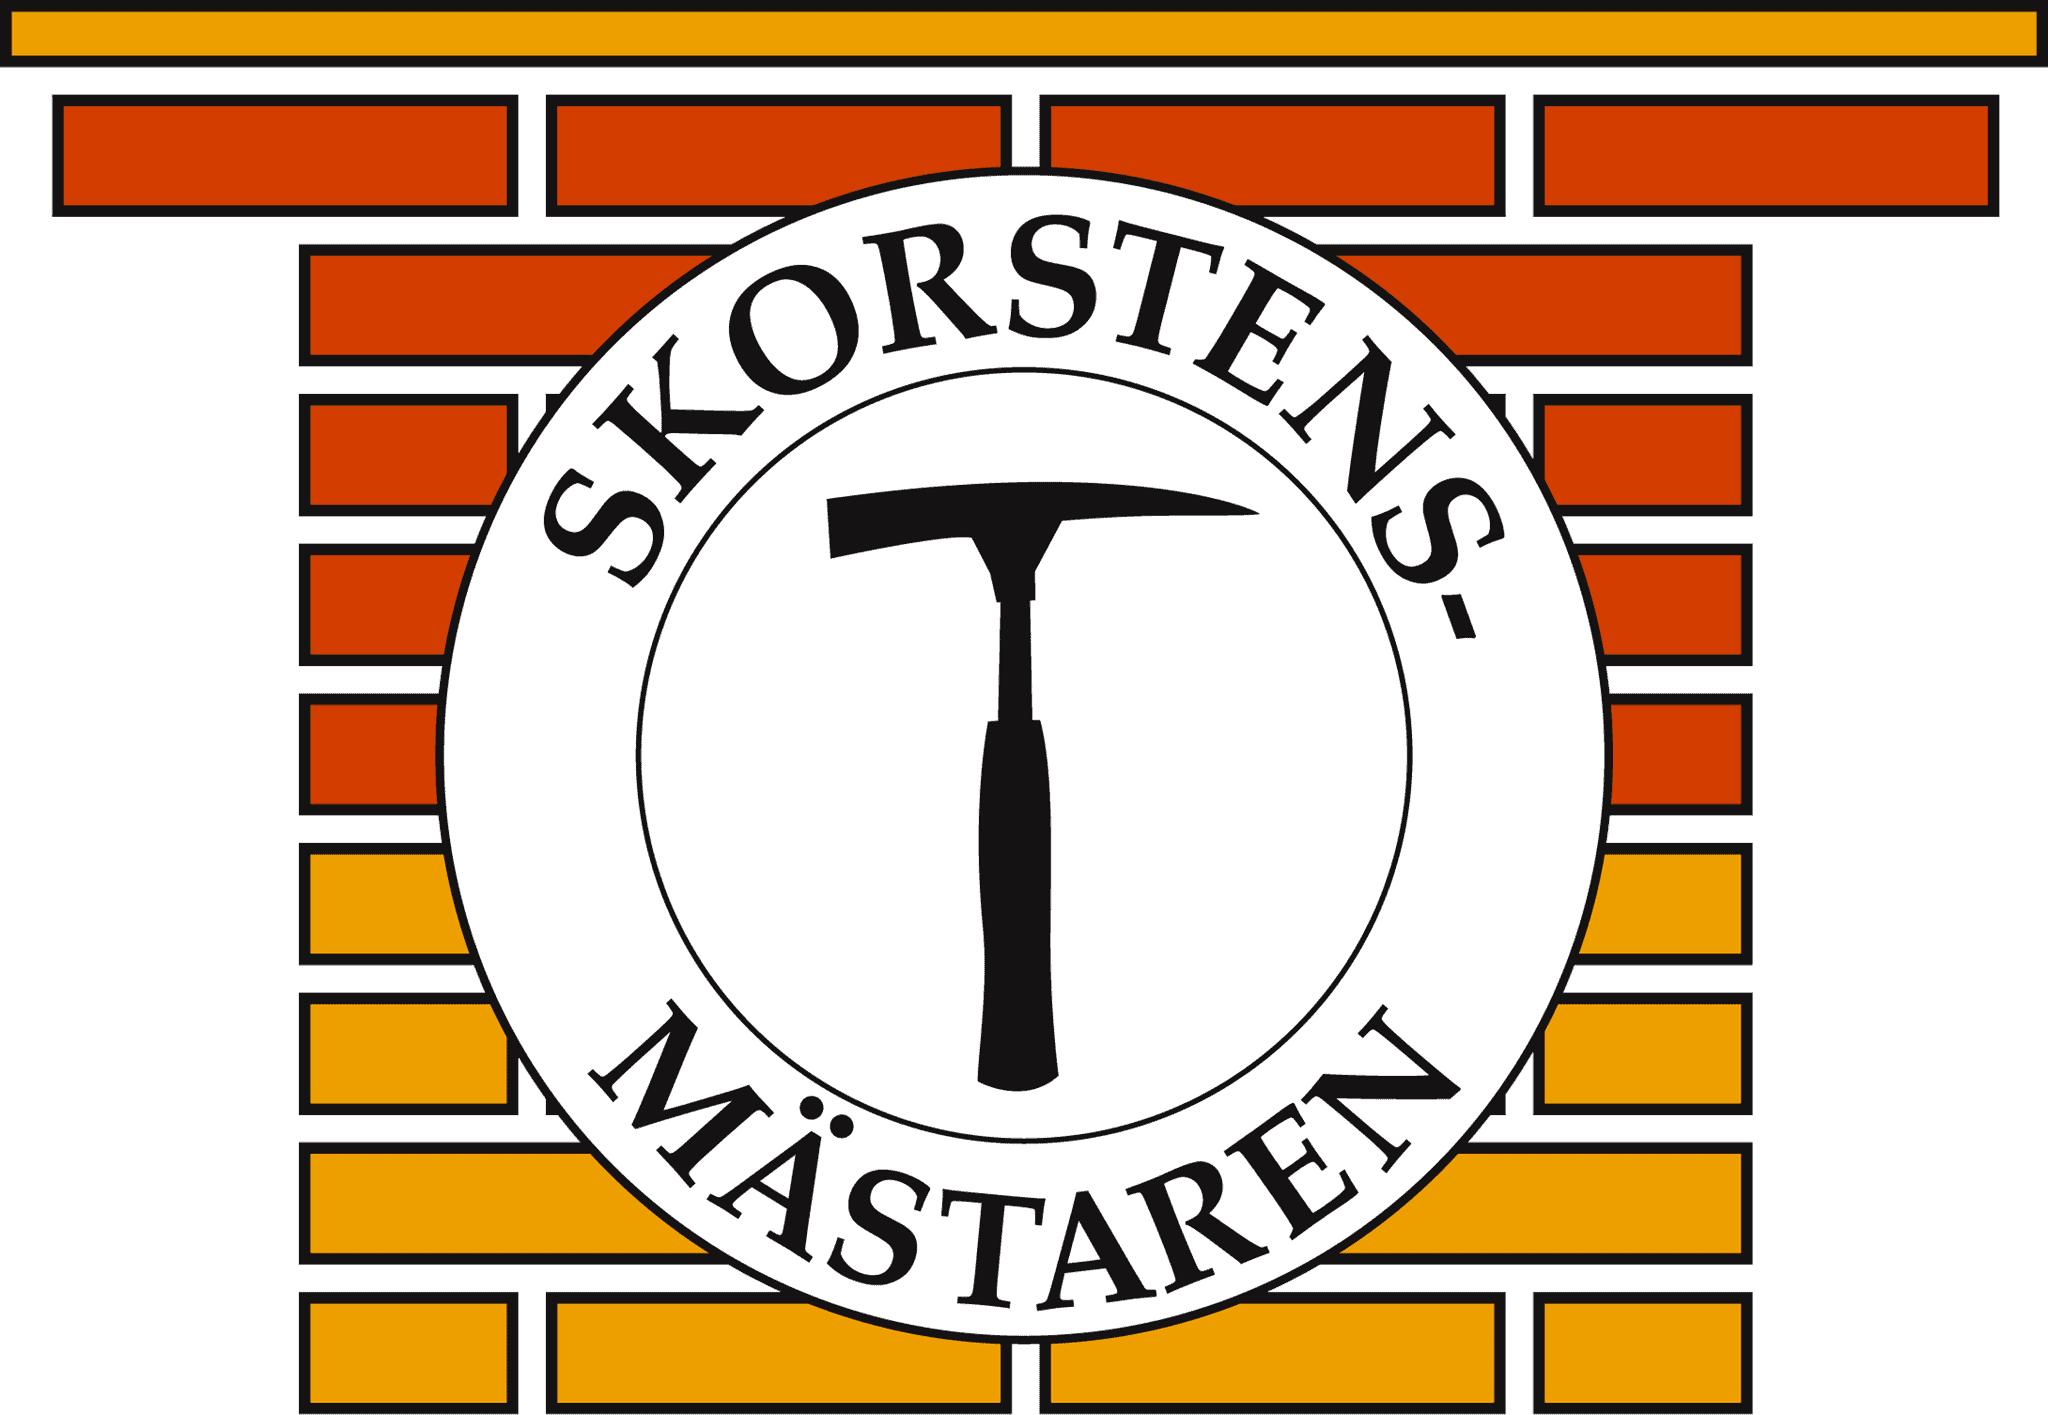 Logotyp för Skorstensmästaren Sverige AB